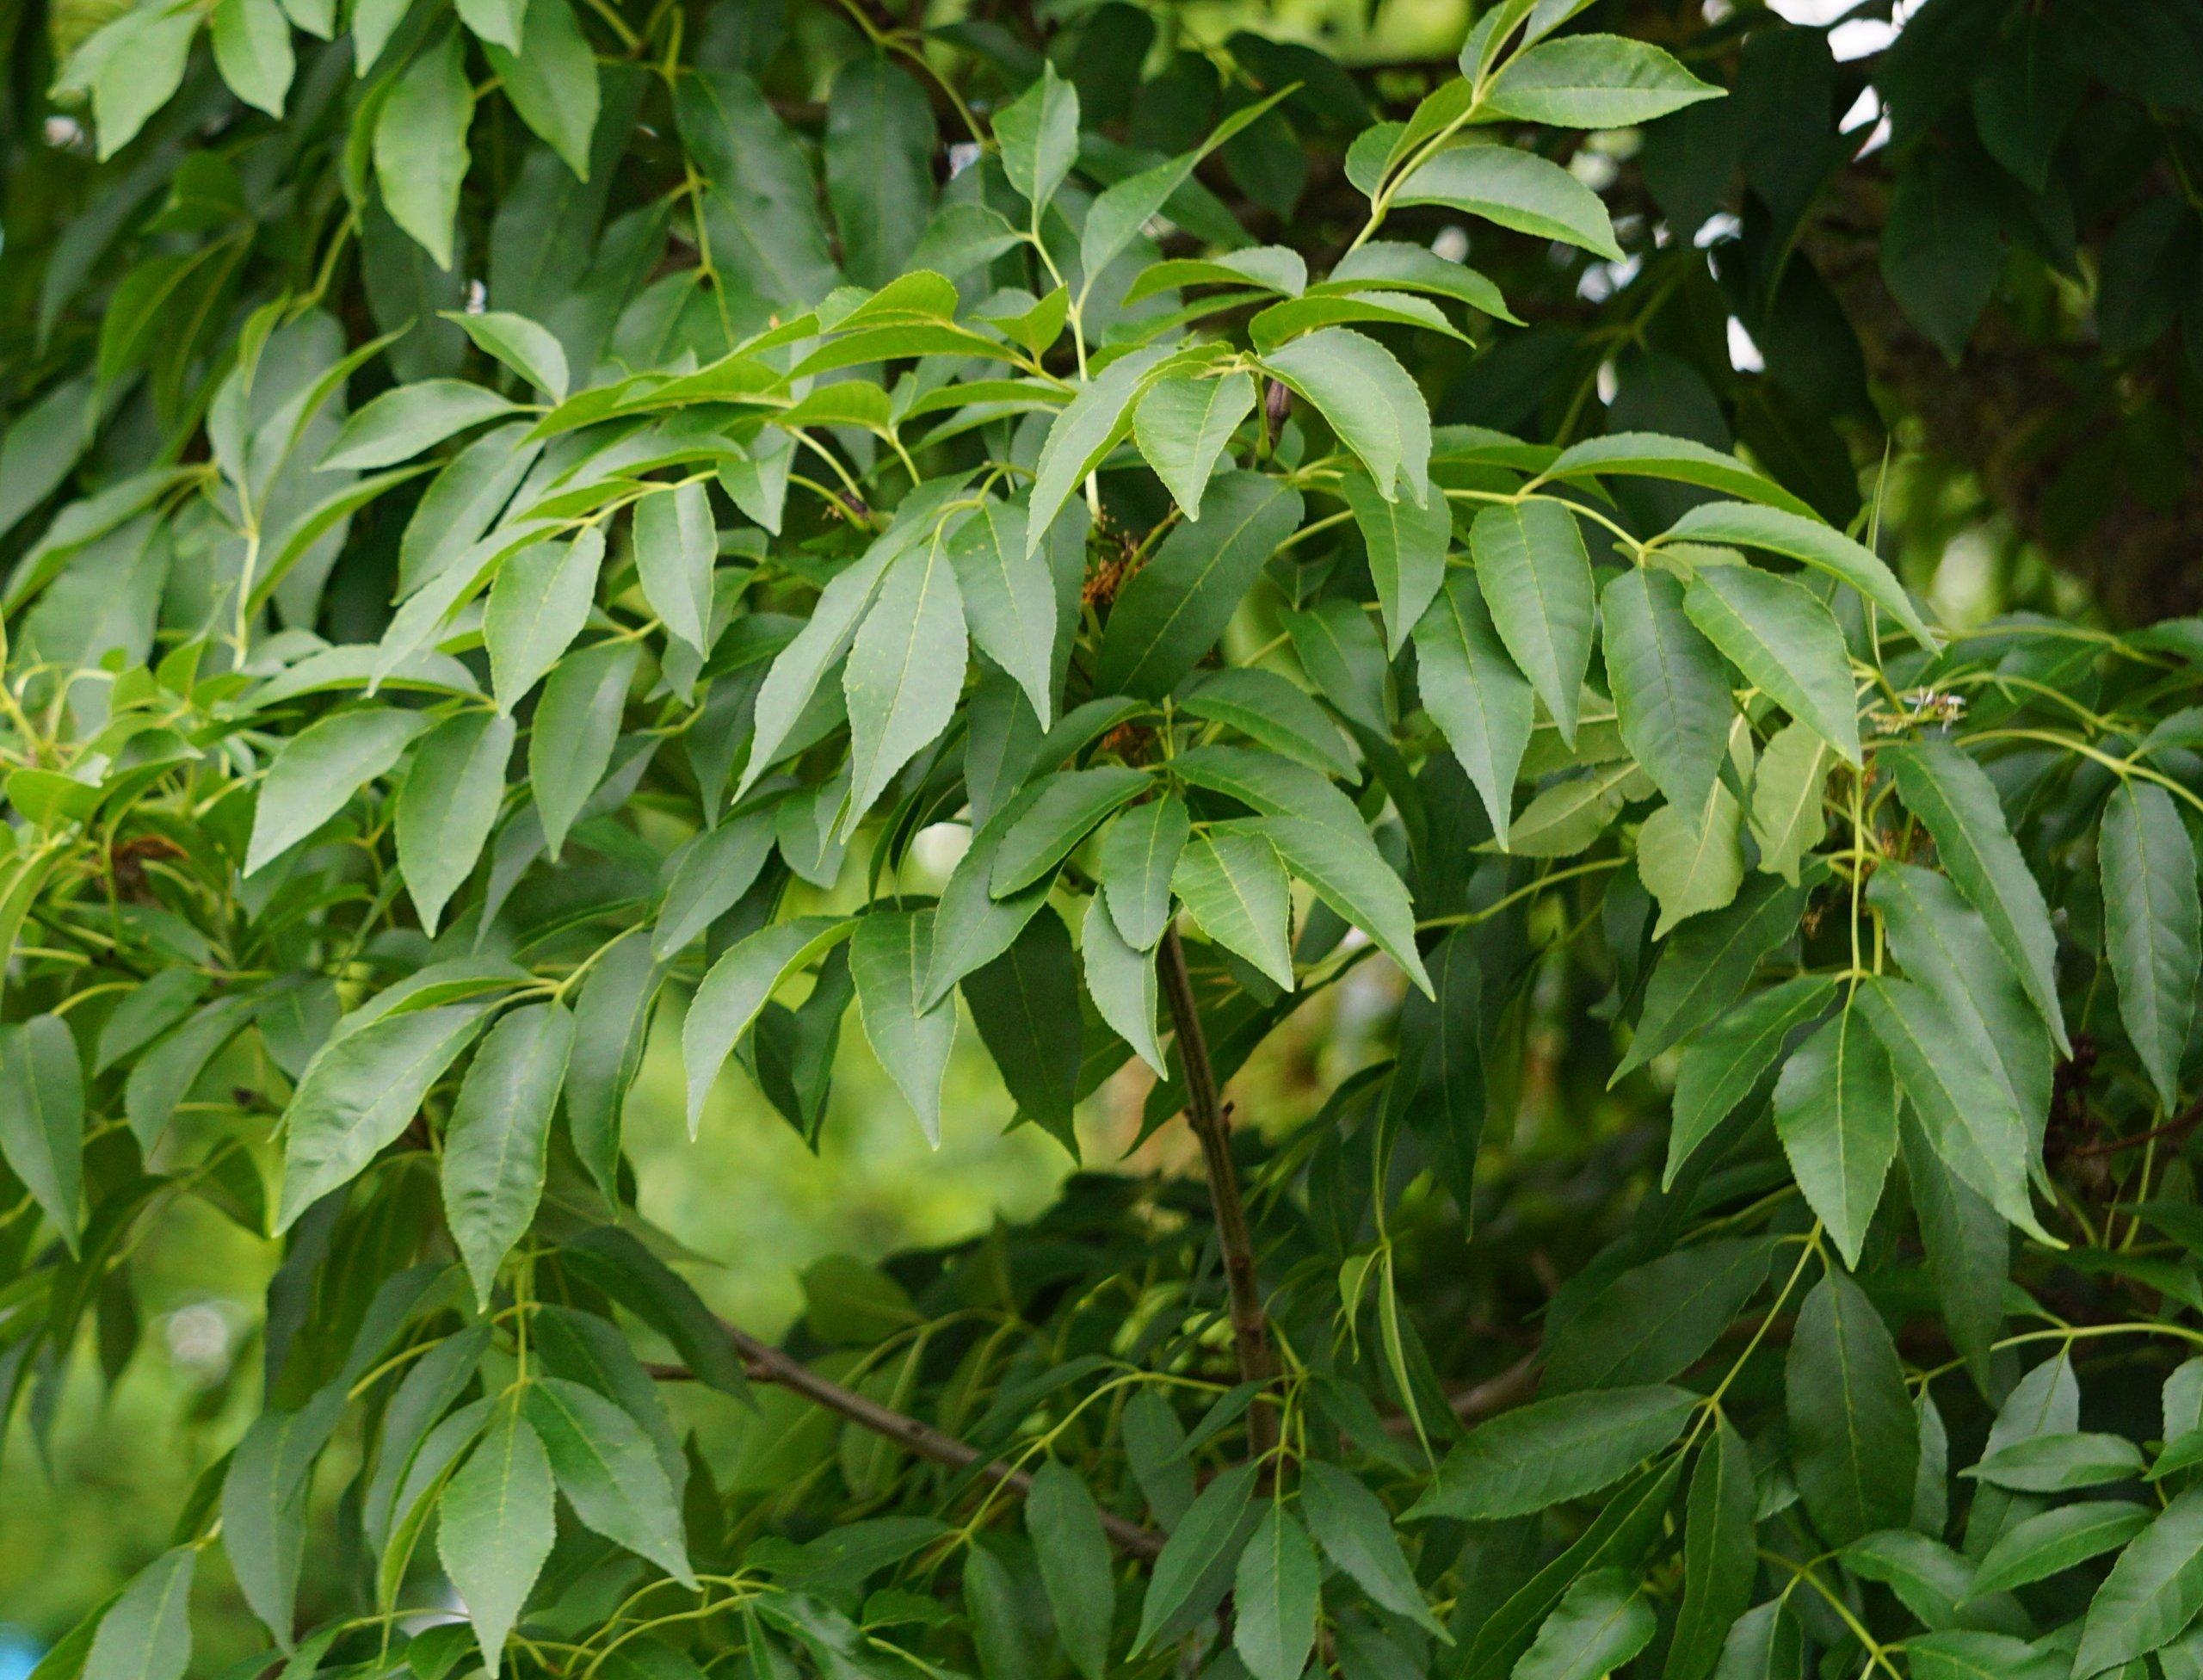 Das Bild zeigt die Laubblätter an einer Blumen-Esche an der Schönefelder Chaussee im Kosmosviertel, Juni2021. Diese gegenständig ansitzenden Fiederblätter sehen denen der Gewöhnlichen Esche ähnlich.